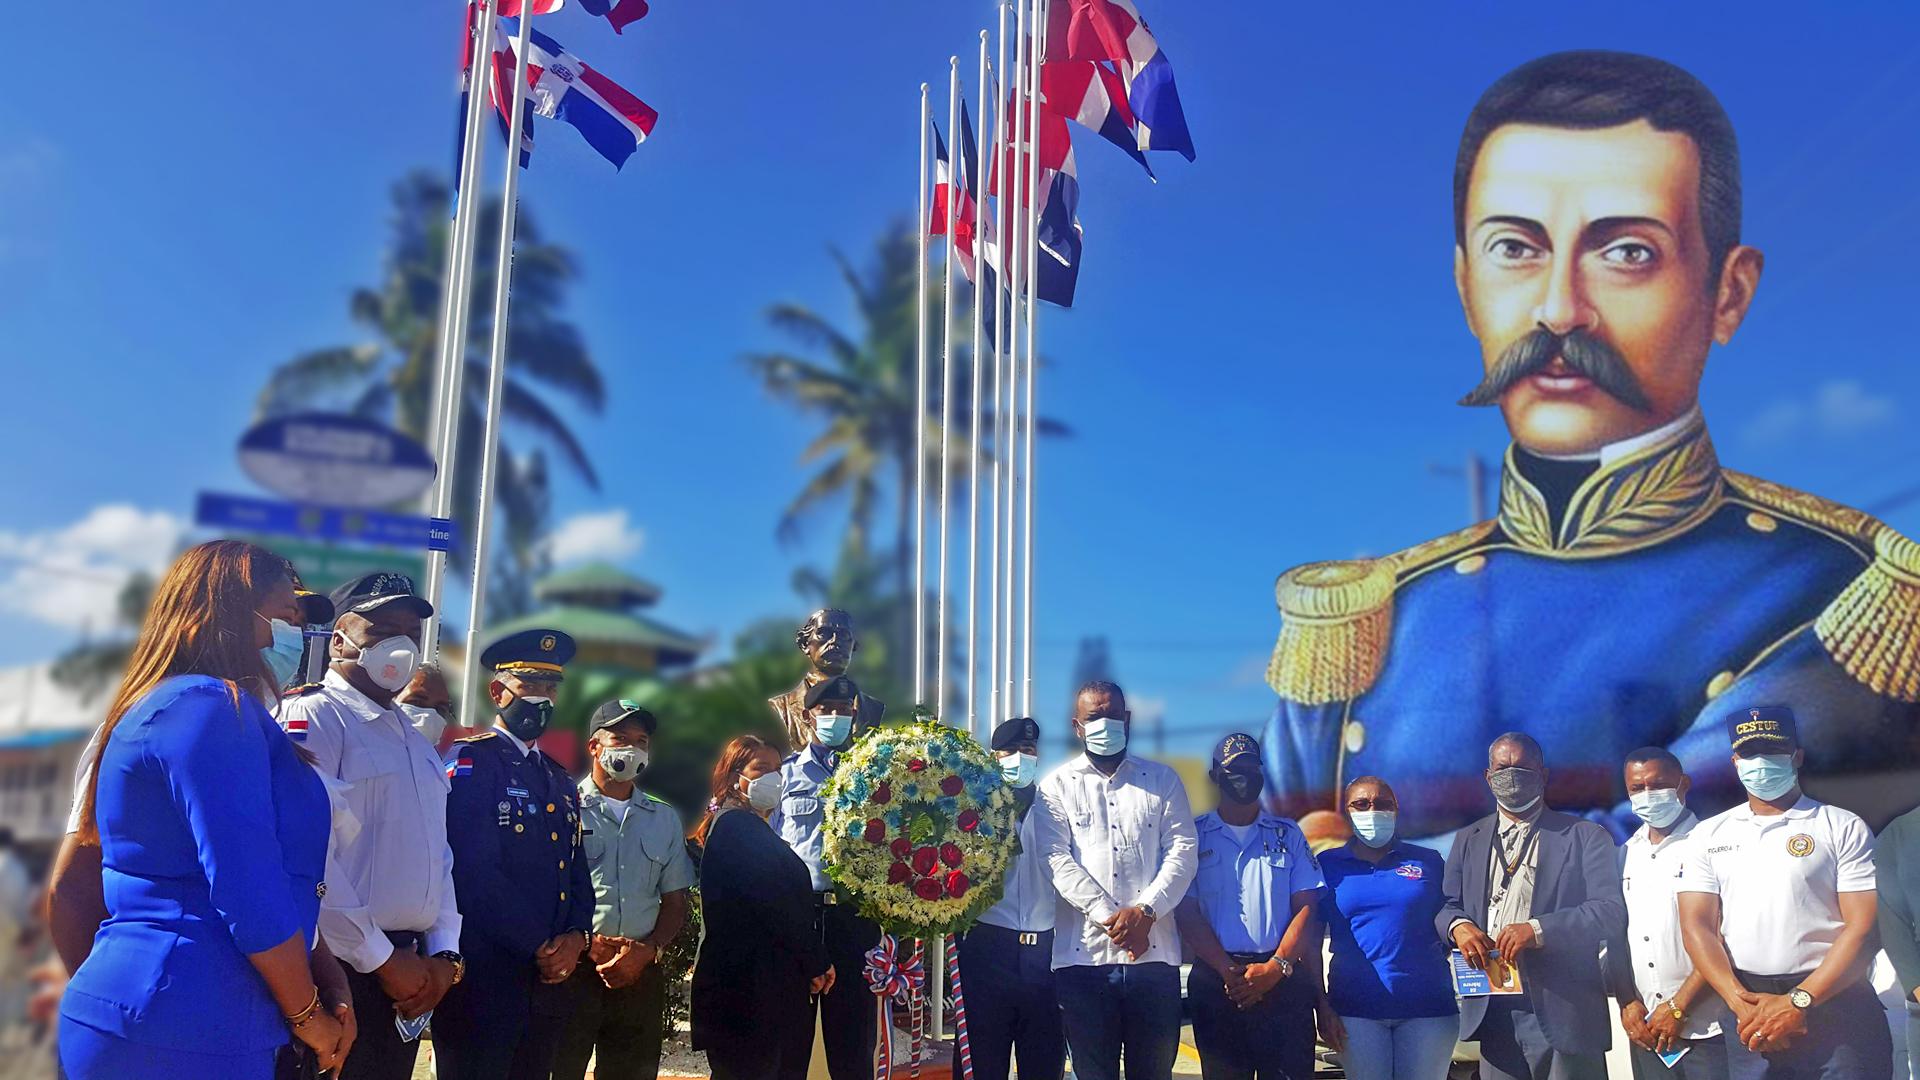 Conmemoración del natalicio de Matías Ramón Mella en el parque las banderas.